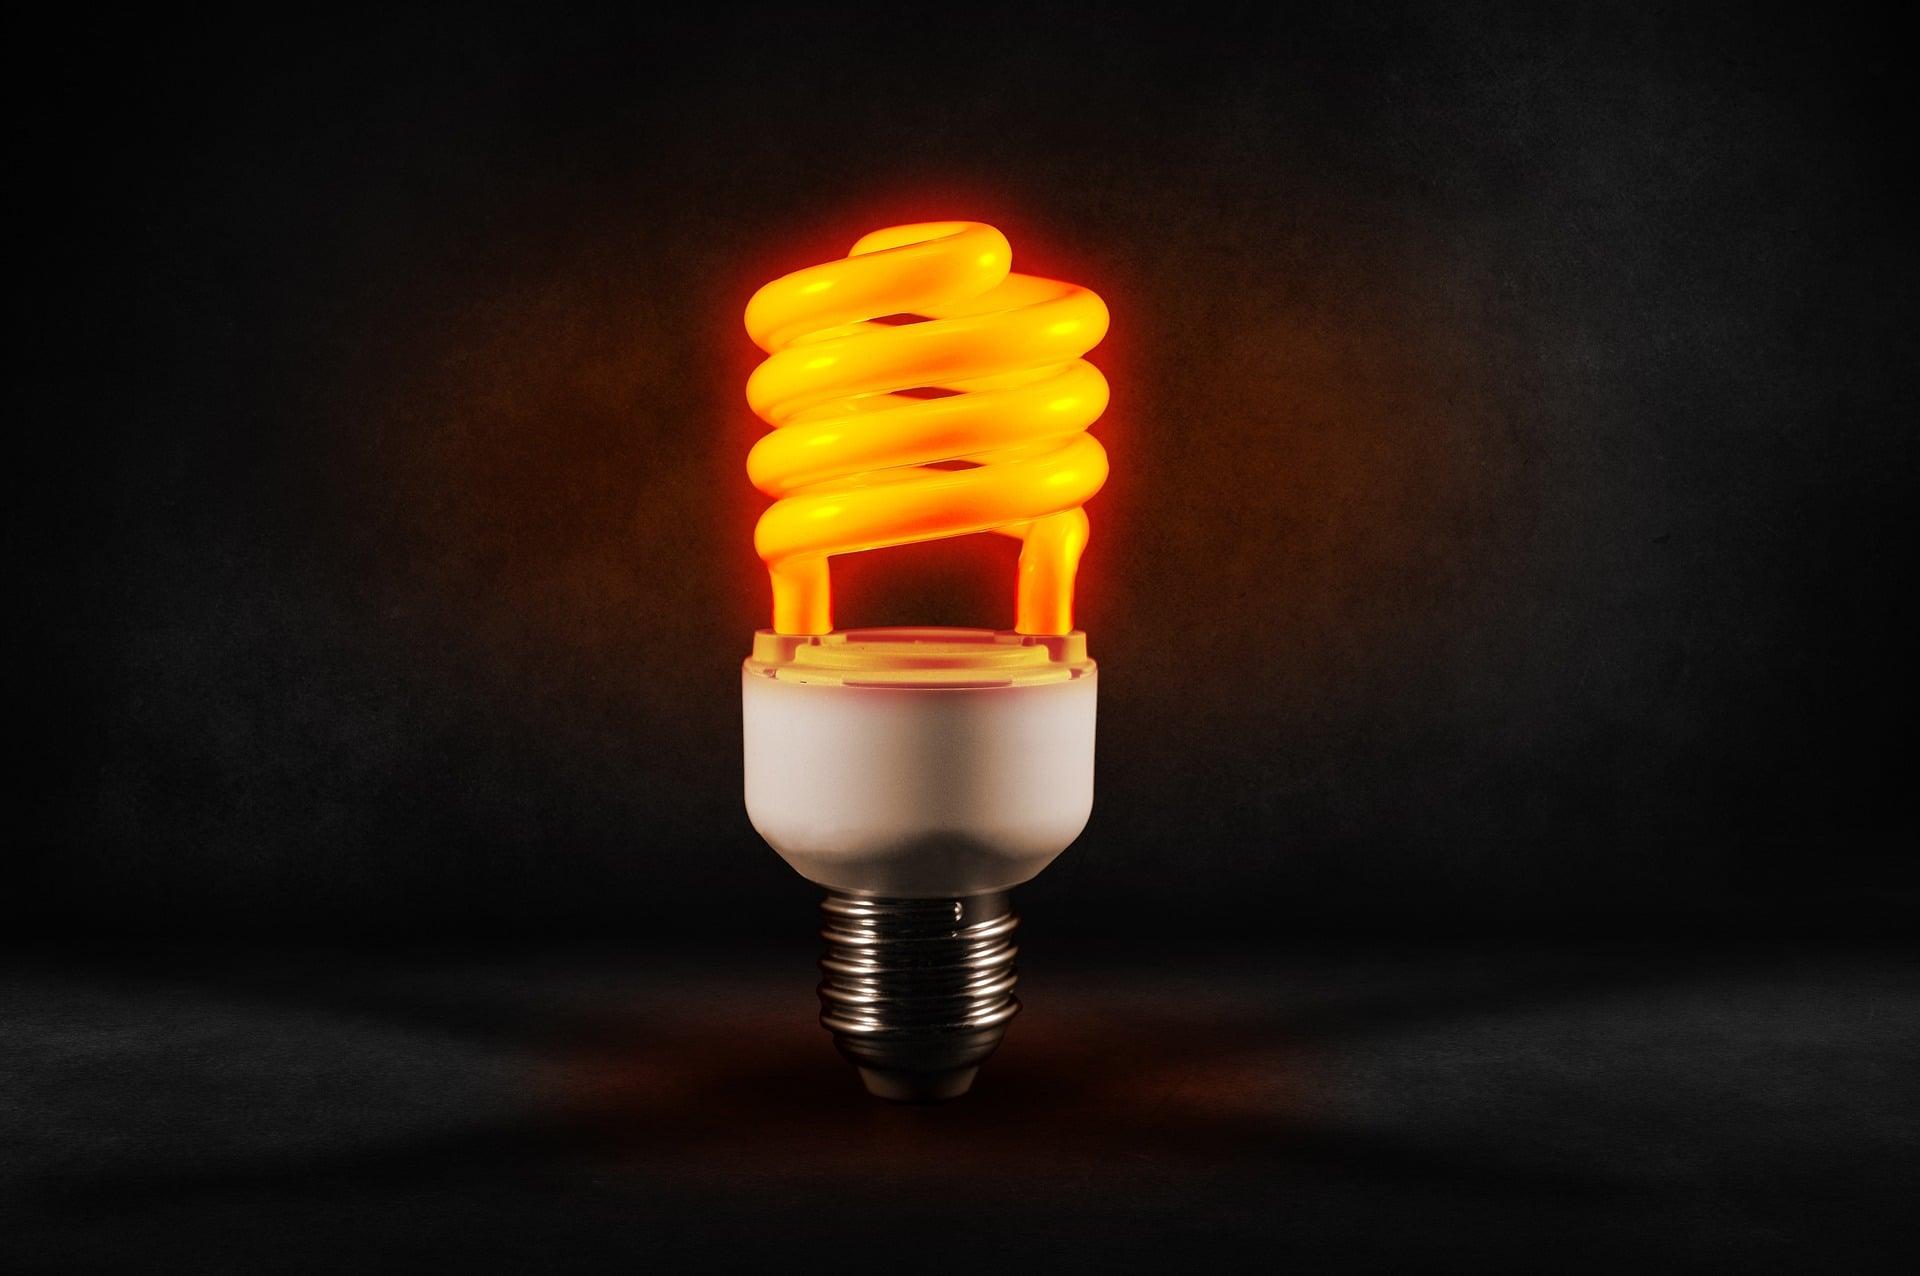 Энергосберегающие лампы: правда и вымысел